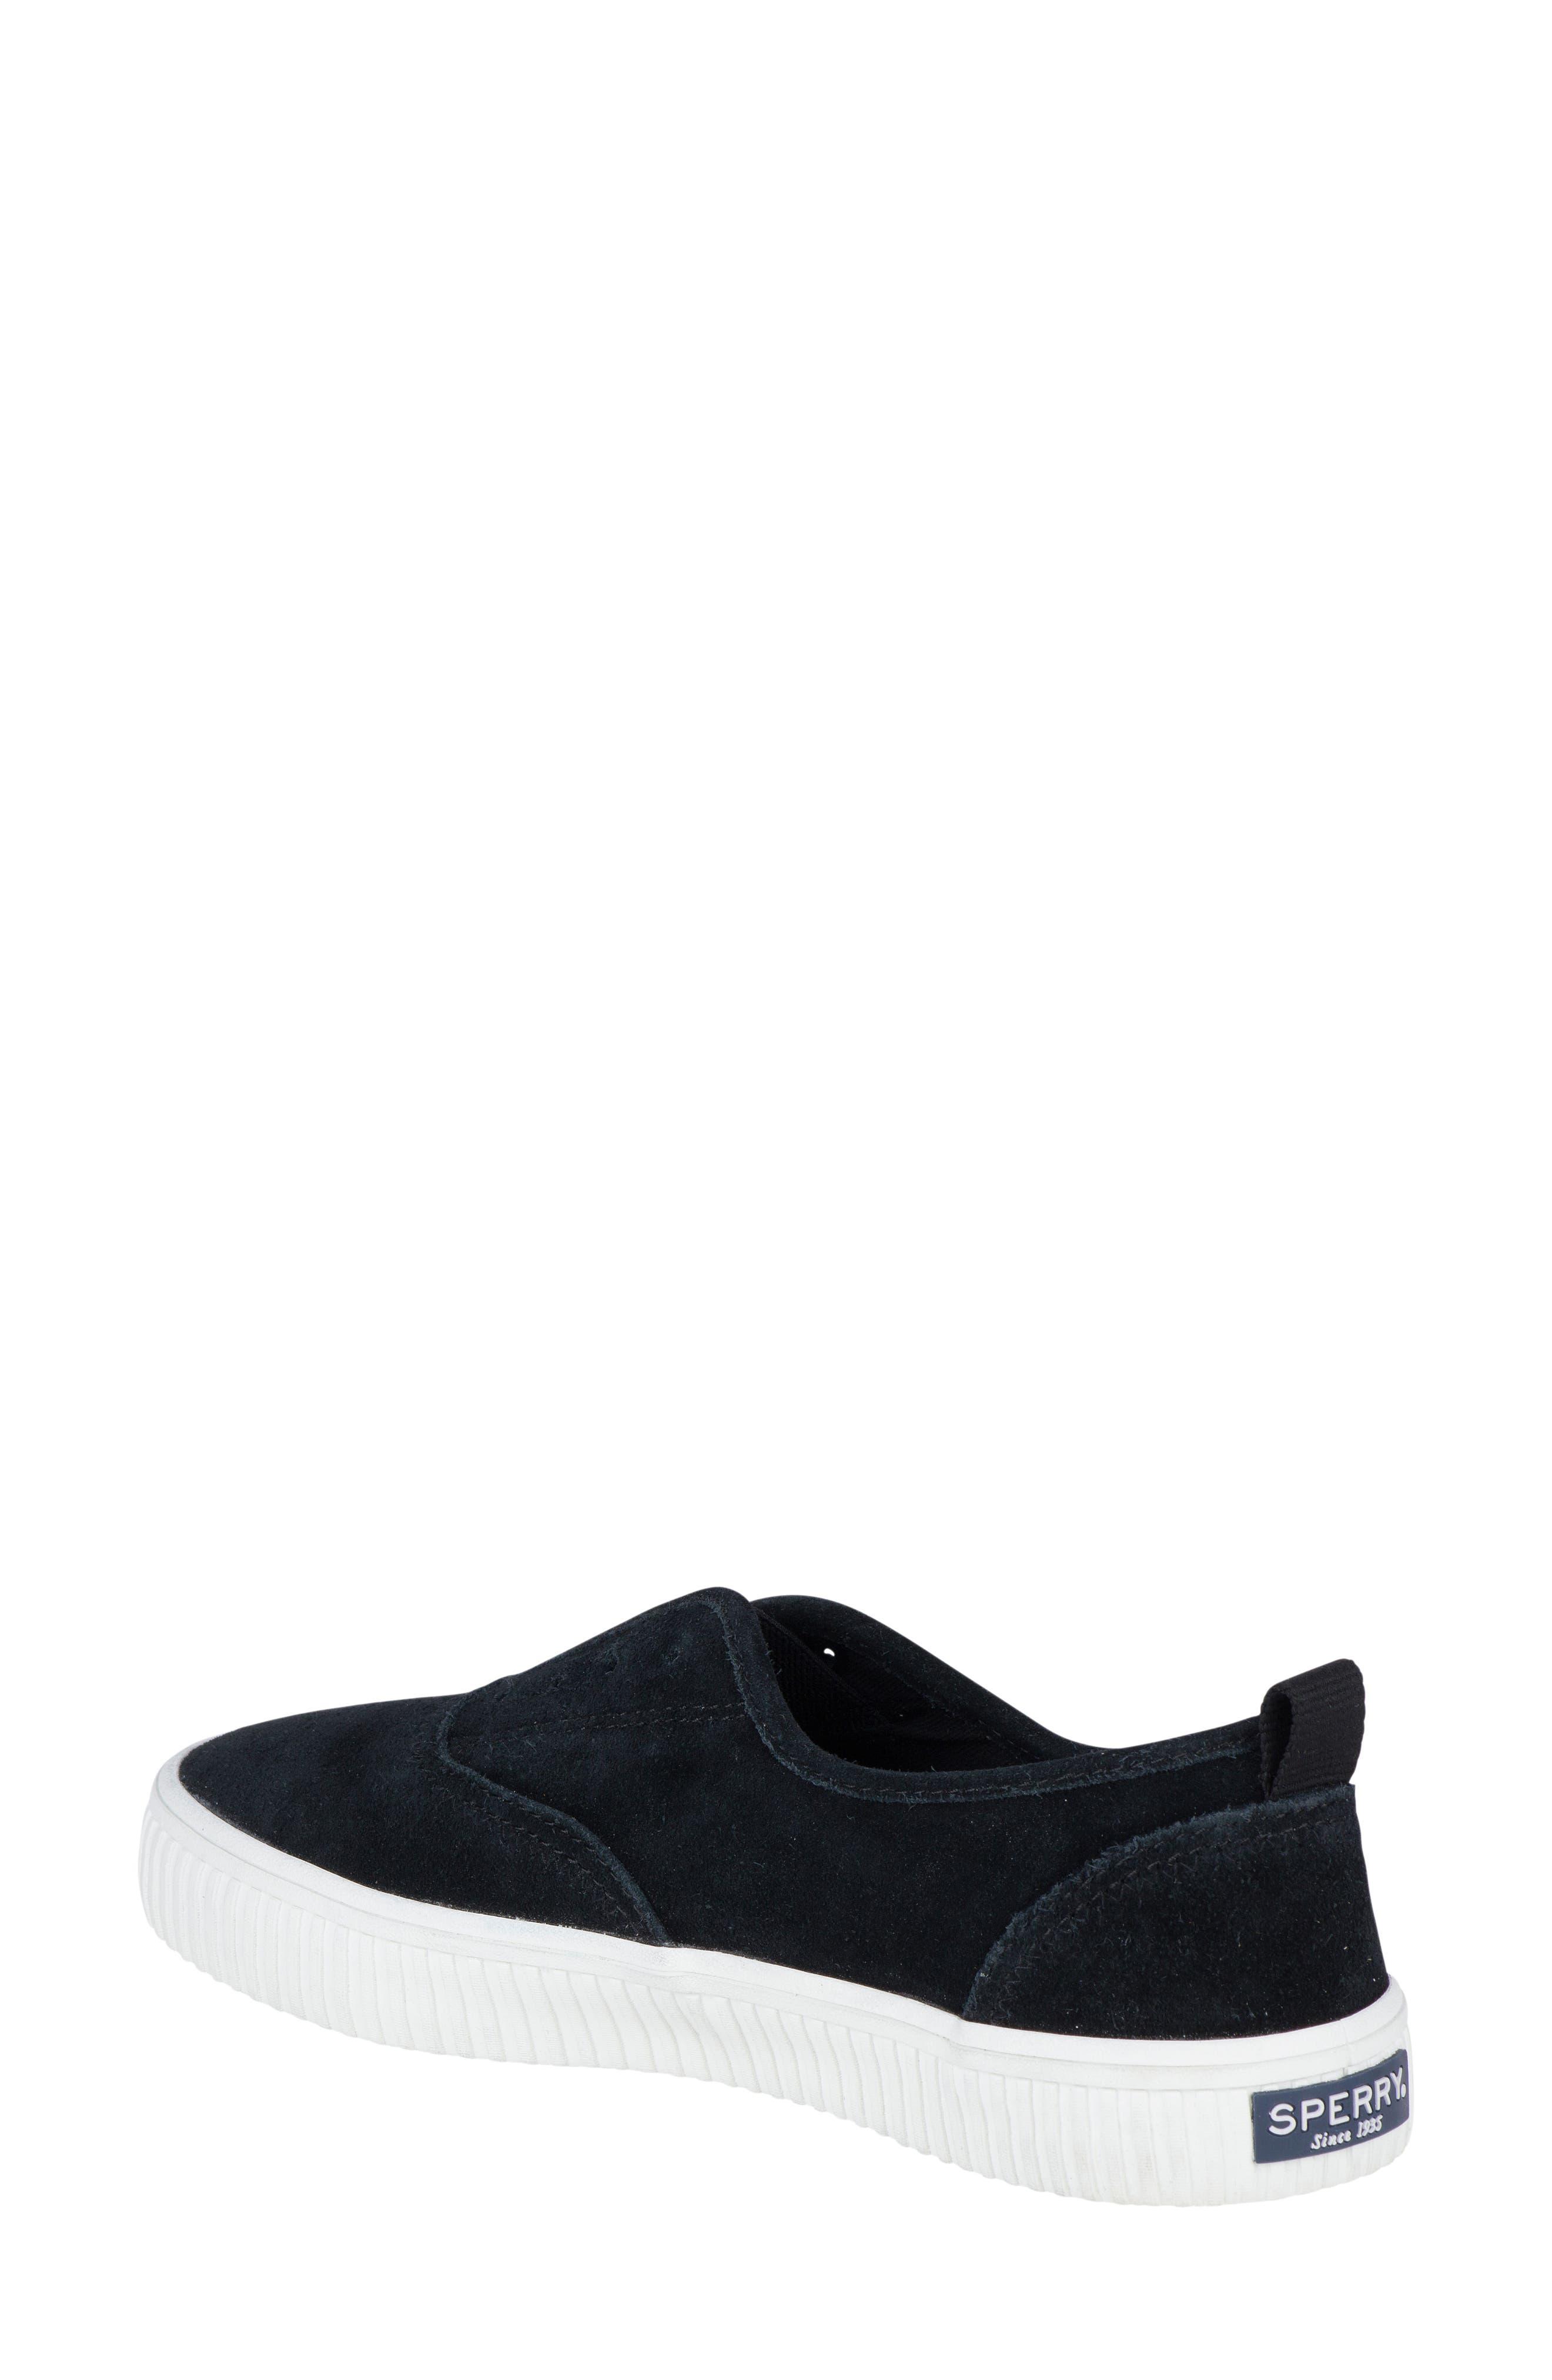 Crest Creeper Slip-On Sneaker,                             Alternate thumbnail 2, color,                             001